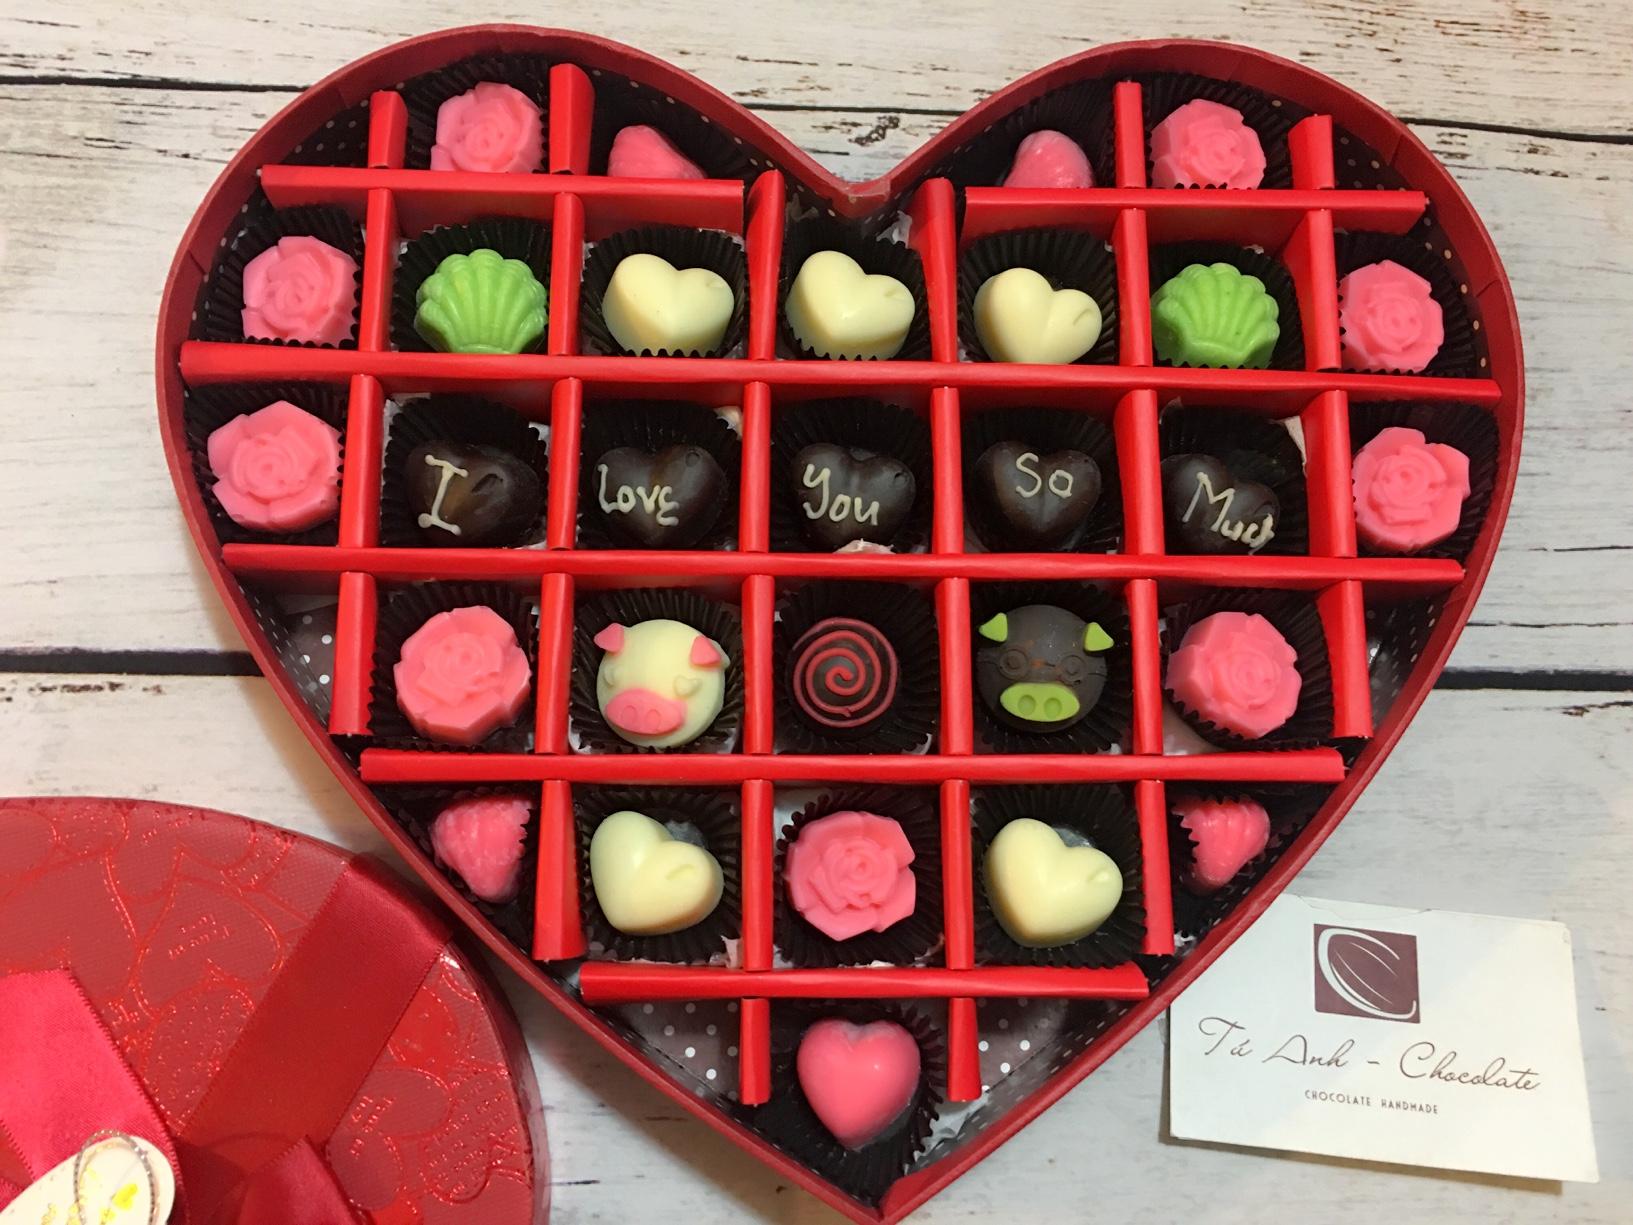 Socola valentine-TÚ ANH CHOCOLATE